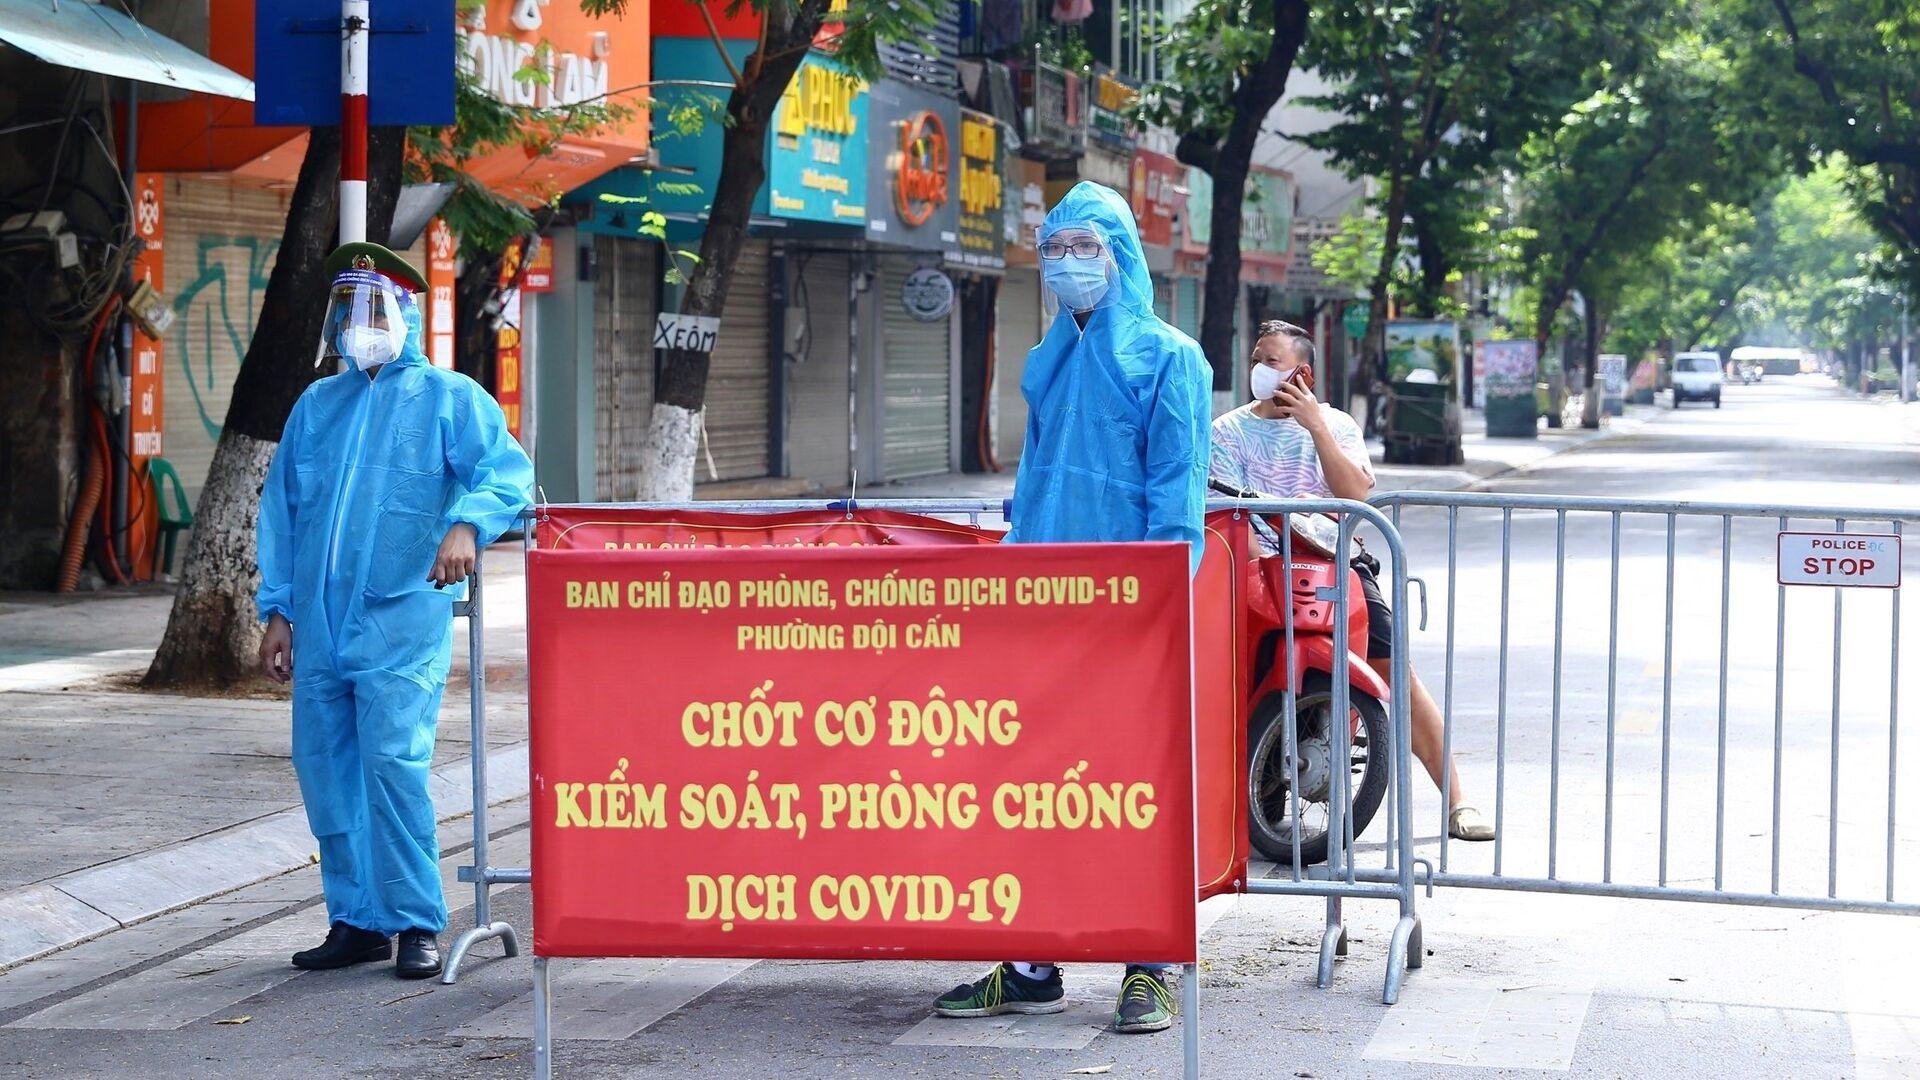 Hà Nội phong tỏa một đoạn phố Đội Cấn liên quan đến 16 ca nhiễm COVID-19 - Sputnik Việt Nam, 1920, 30.08.2021